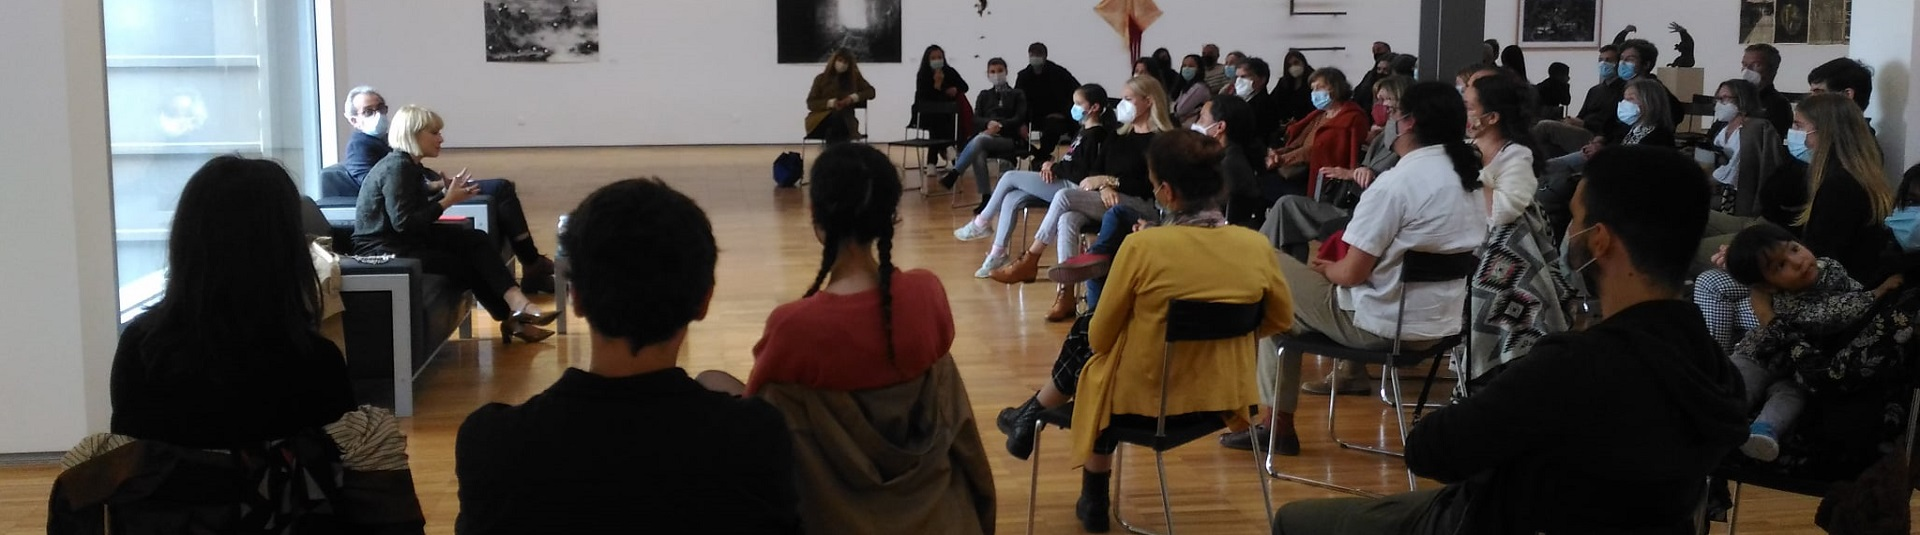 Encontro de Artistas da 6.ª Bienal Internacional de Arte de Espinho